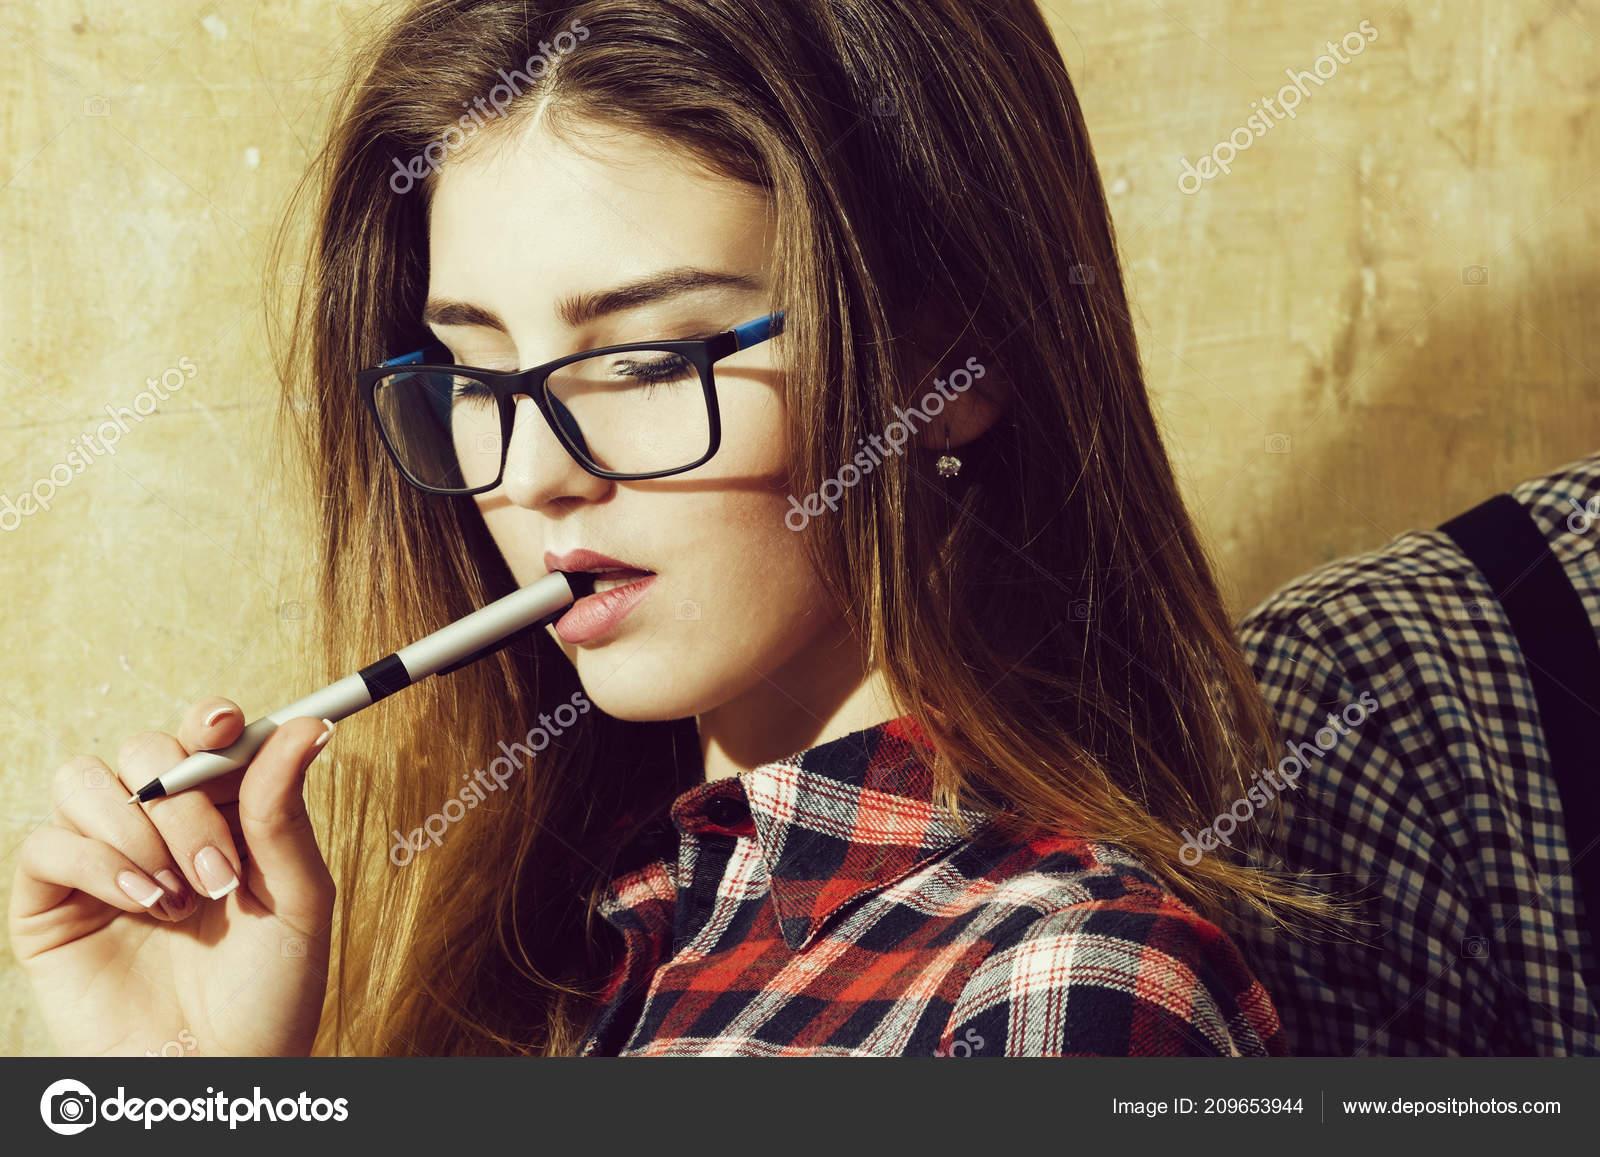 0ad08f7658 Όμορφο κορίτσι φοιτητής nerd γυαλιά εκμετάλλευση στυλό στο στόμα —  Φωτογραφία Αρχείου